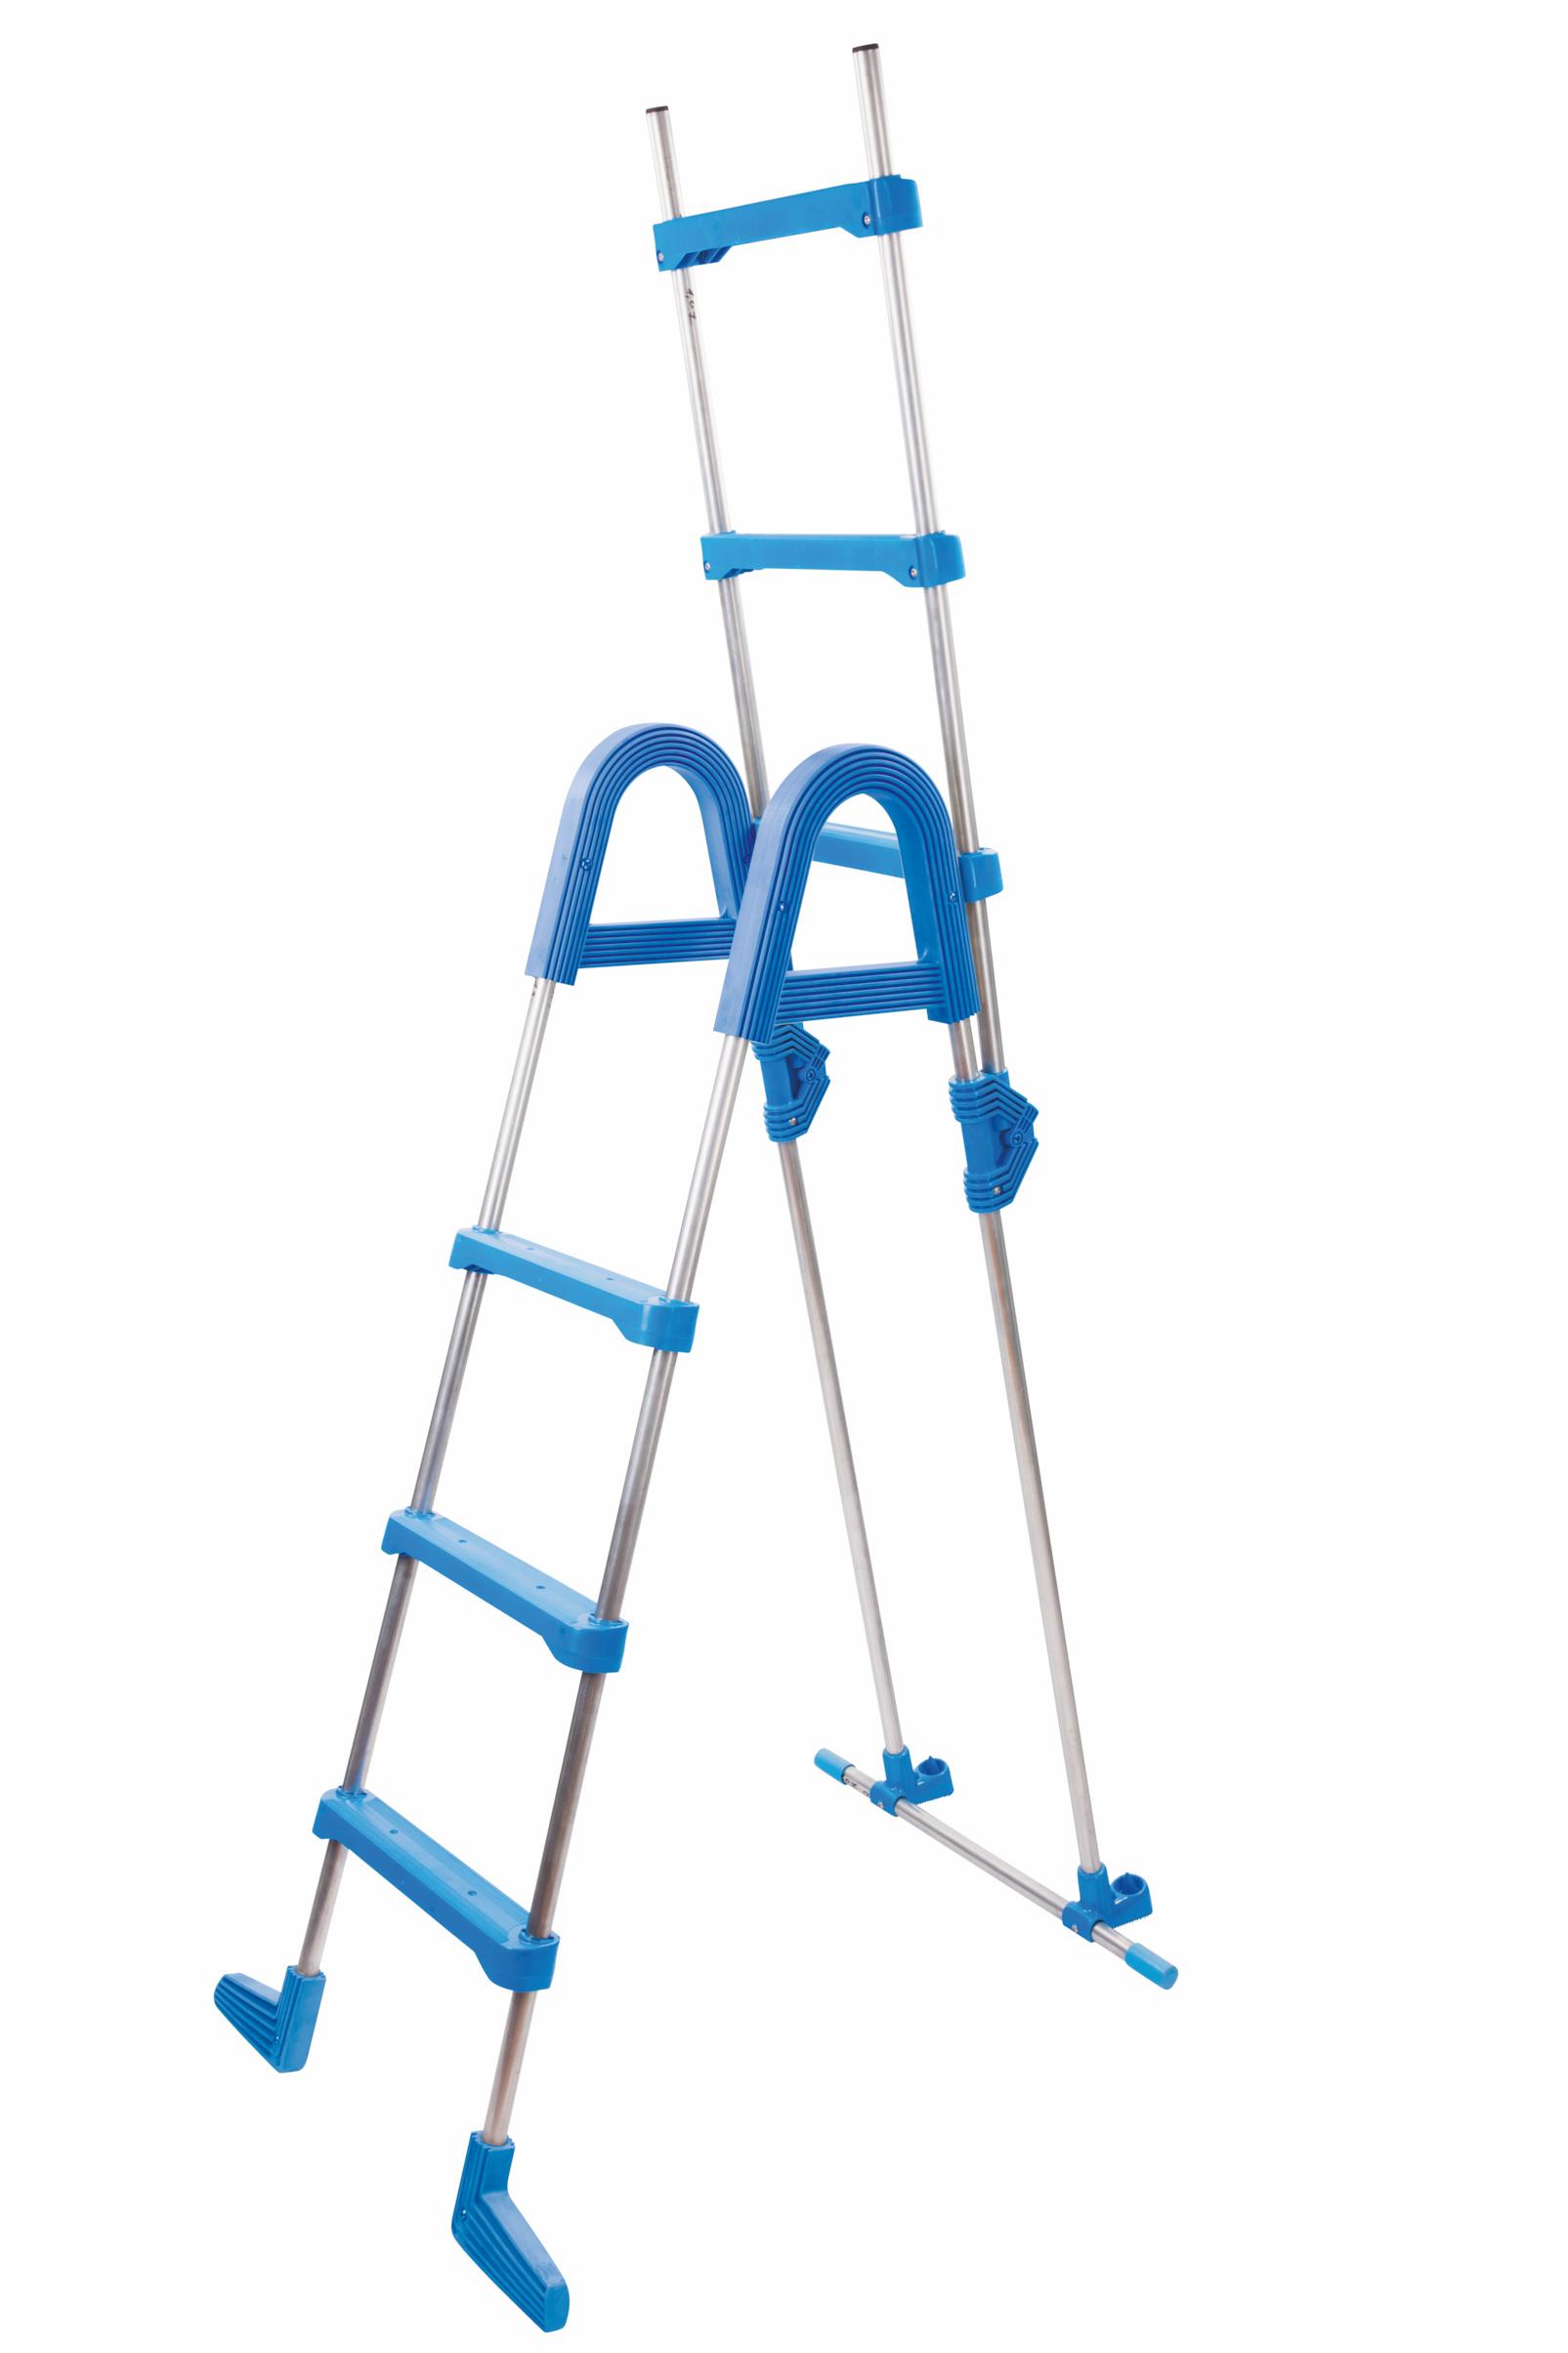 Poolleiter Aufstellleiter bis 123 cm Kürzbare Pool Leiter Hochbeckenleiter